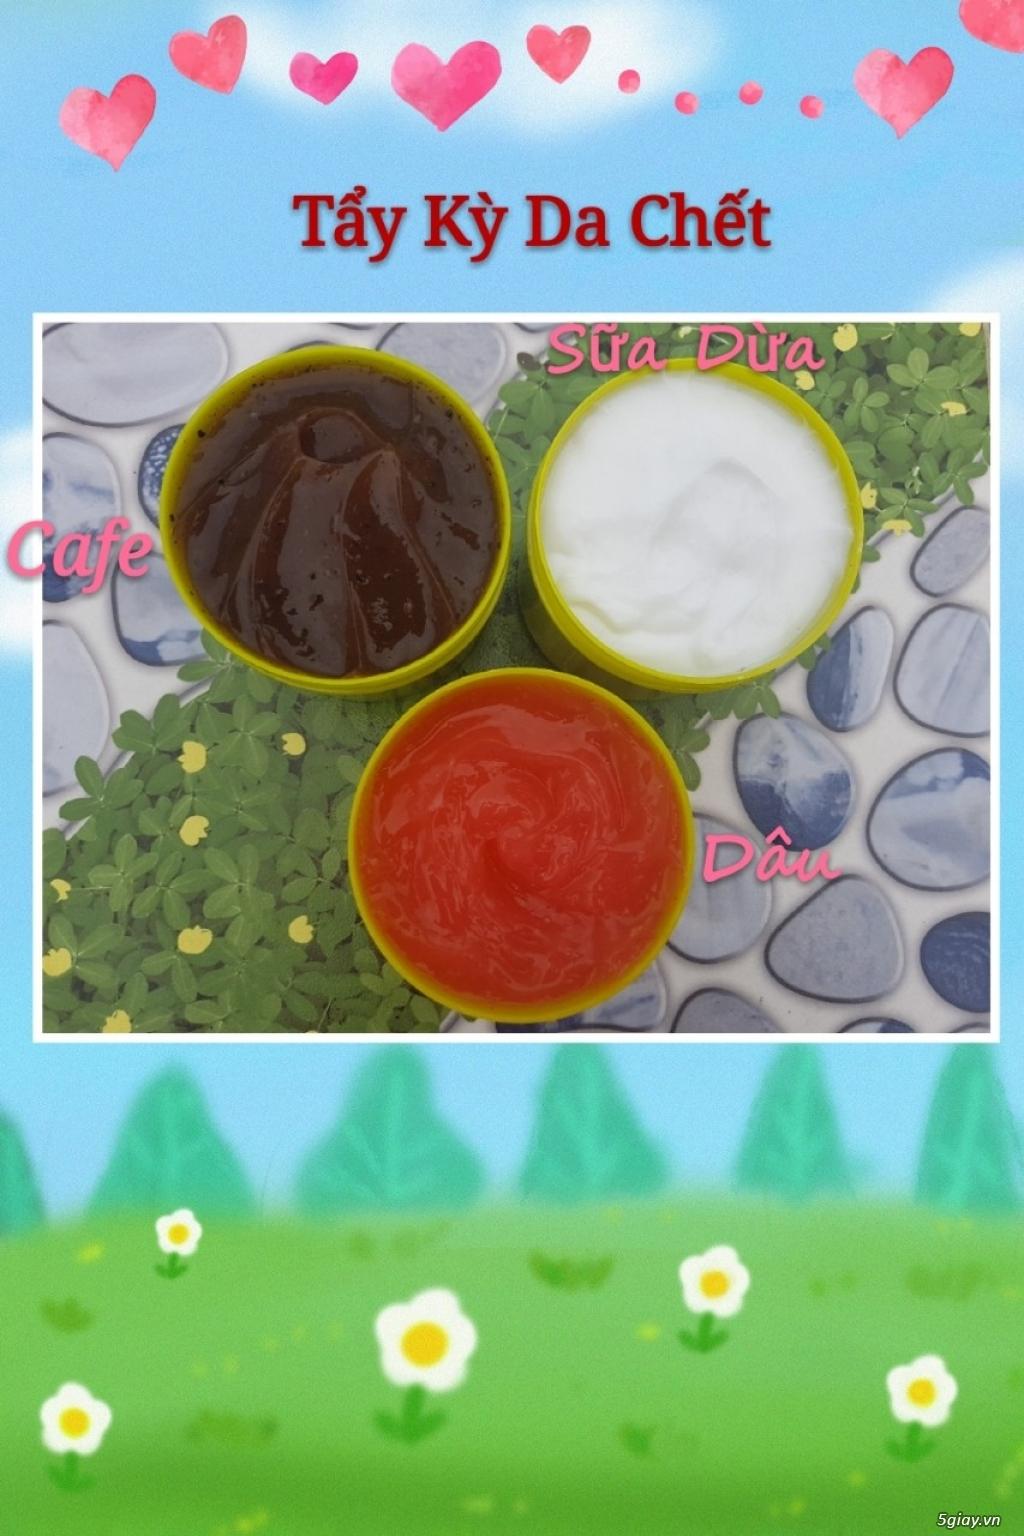 Hủ kem ( chuyên cung cấp hủ đựng kem giá rẻ chai lọ mỹ phẩm) - 7